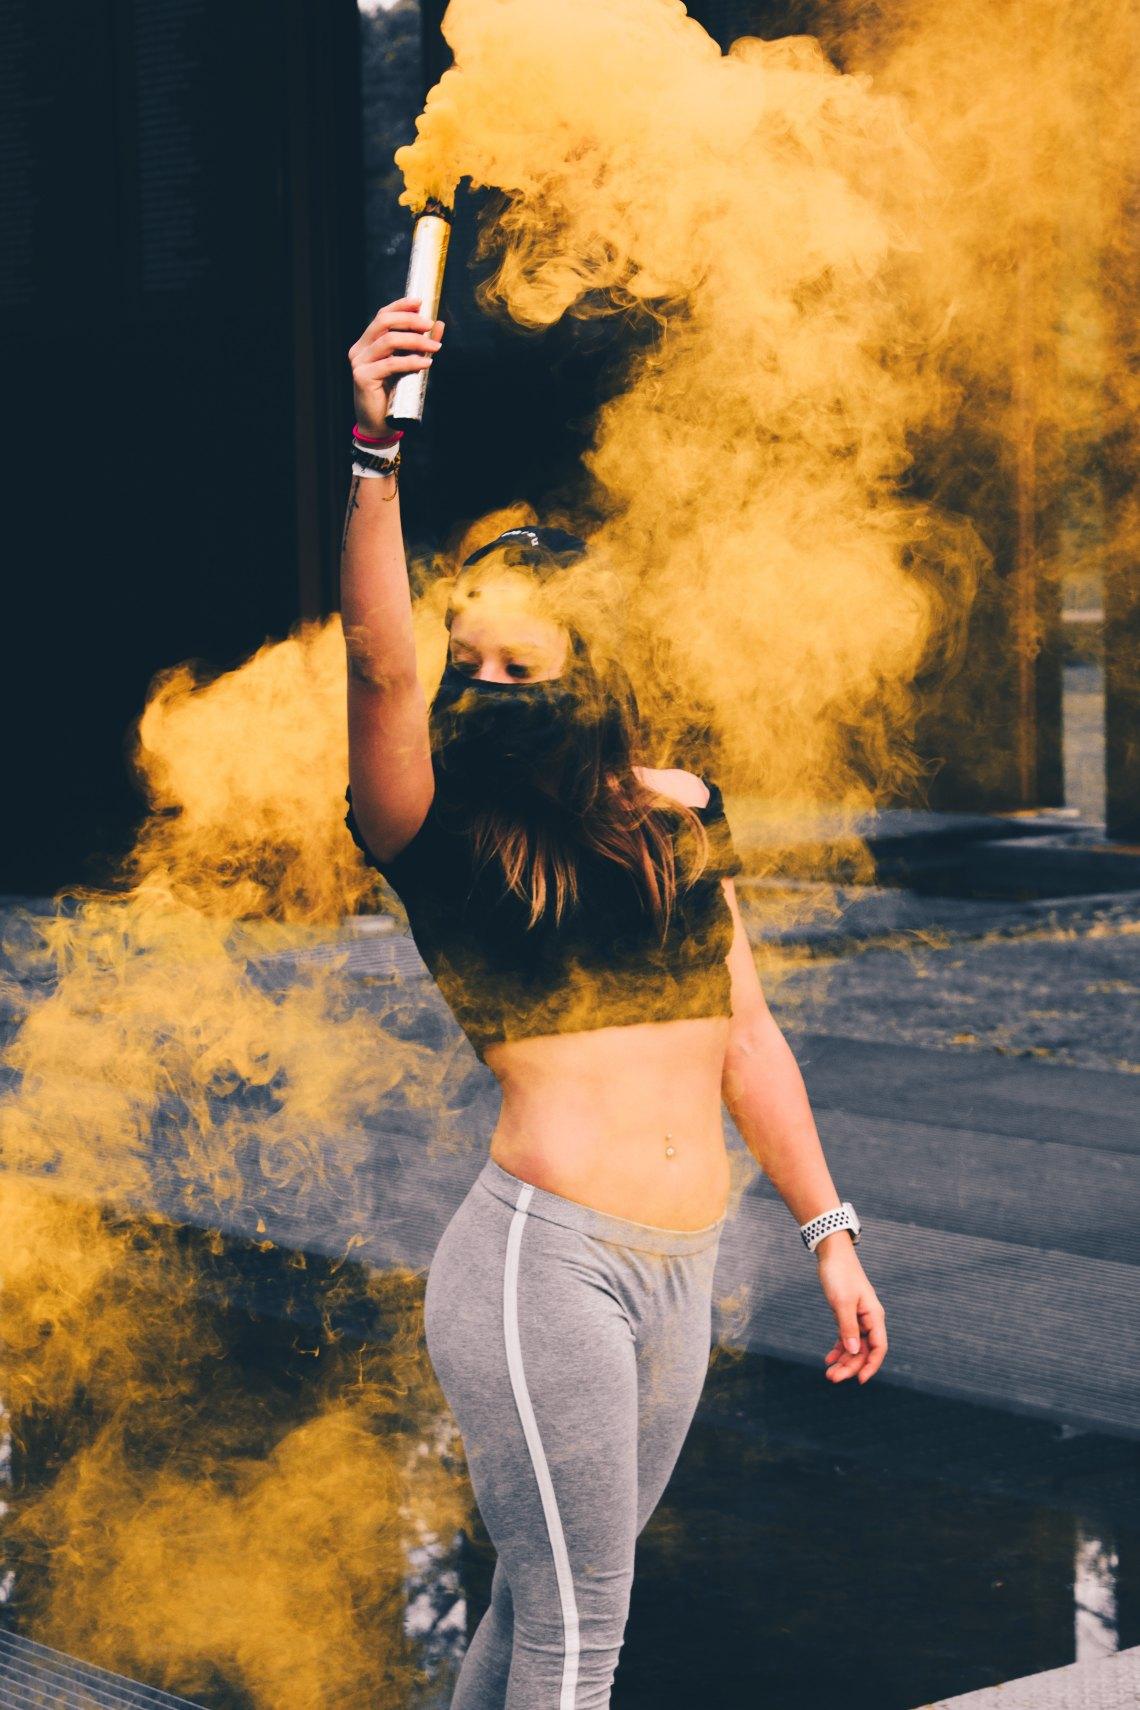 girl wandering around with yellow smoke